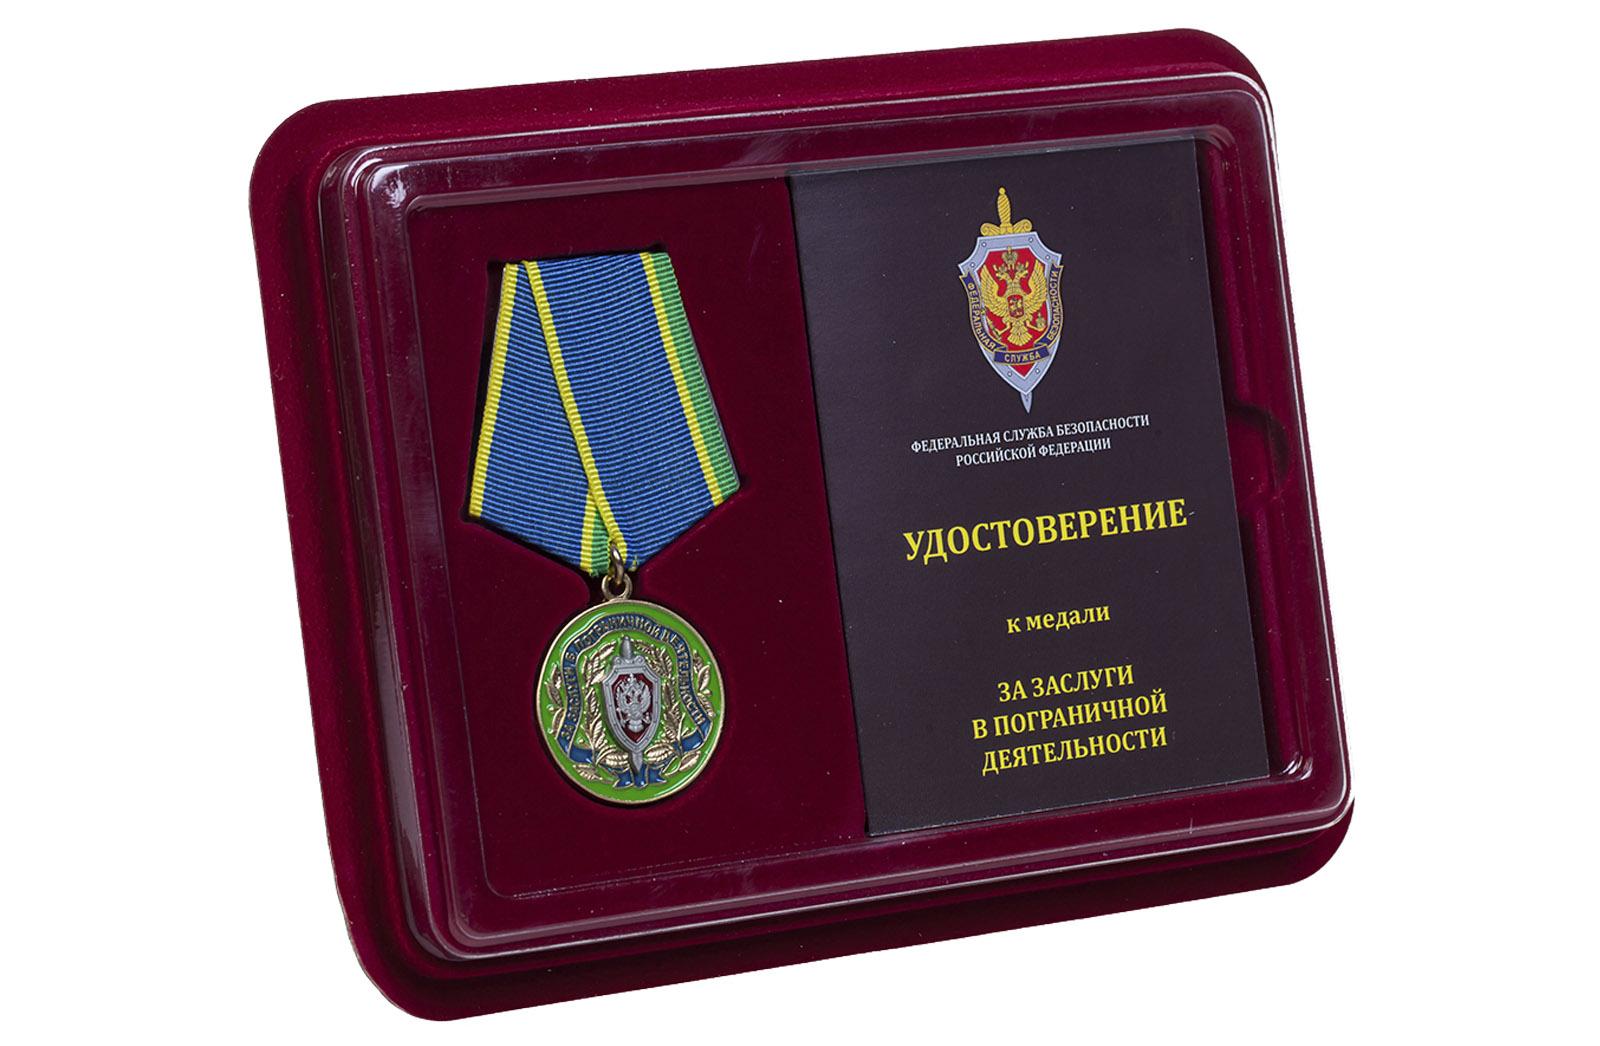 Купить медаль ФСБ России За заслуги в пограничной деятельности в подарок